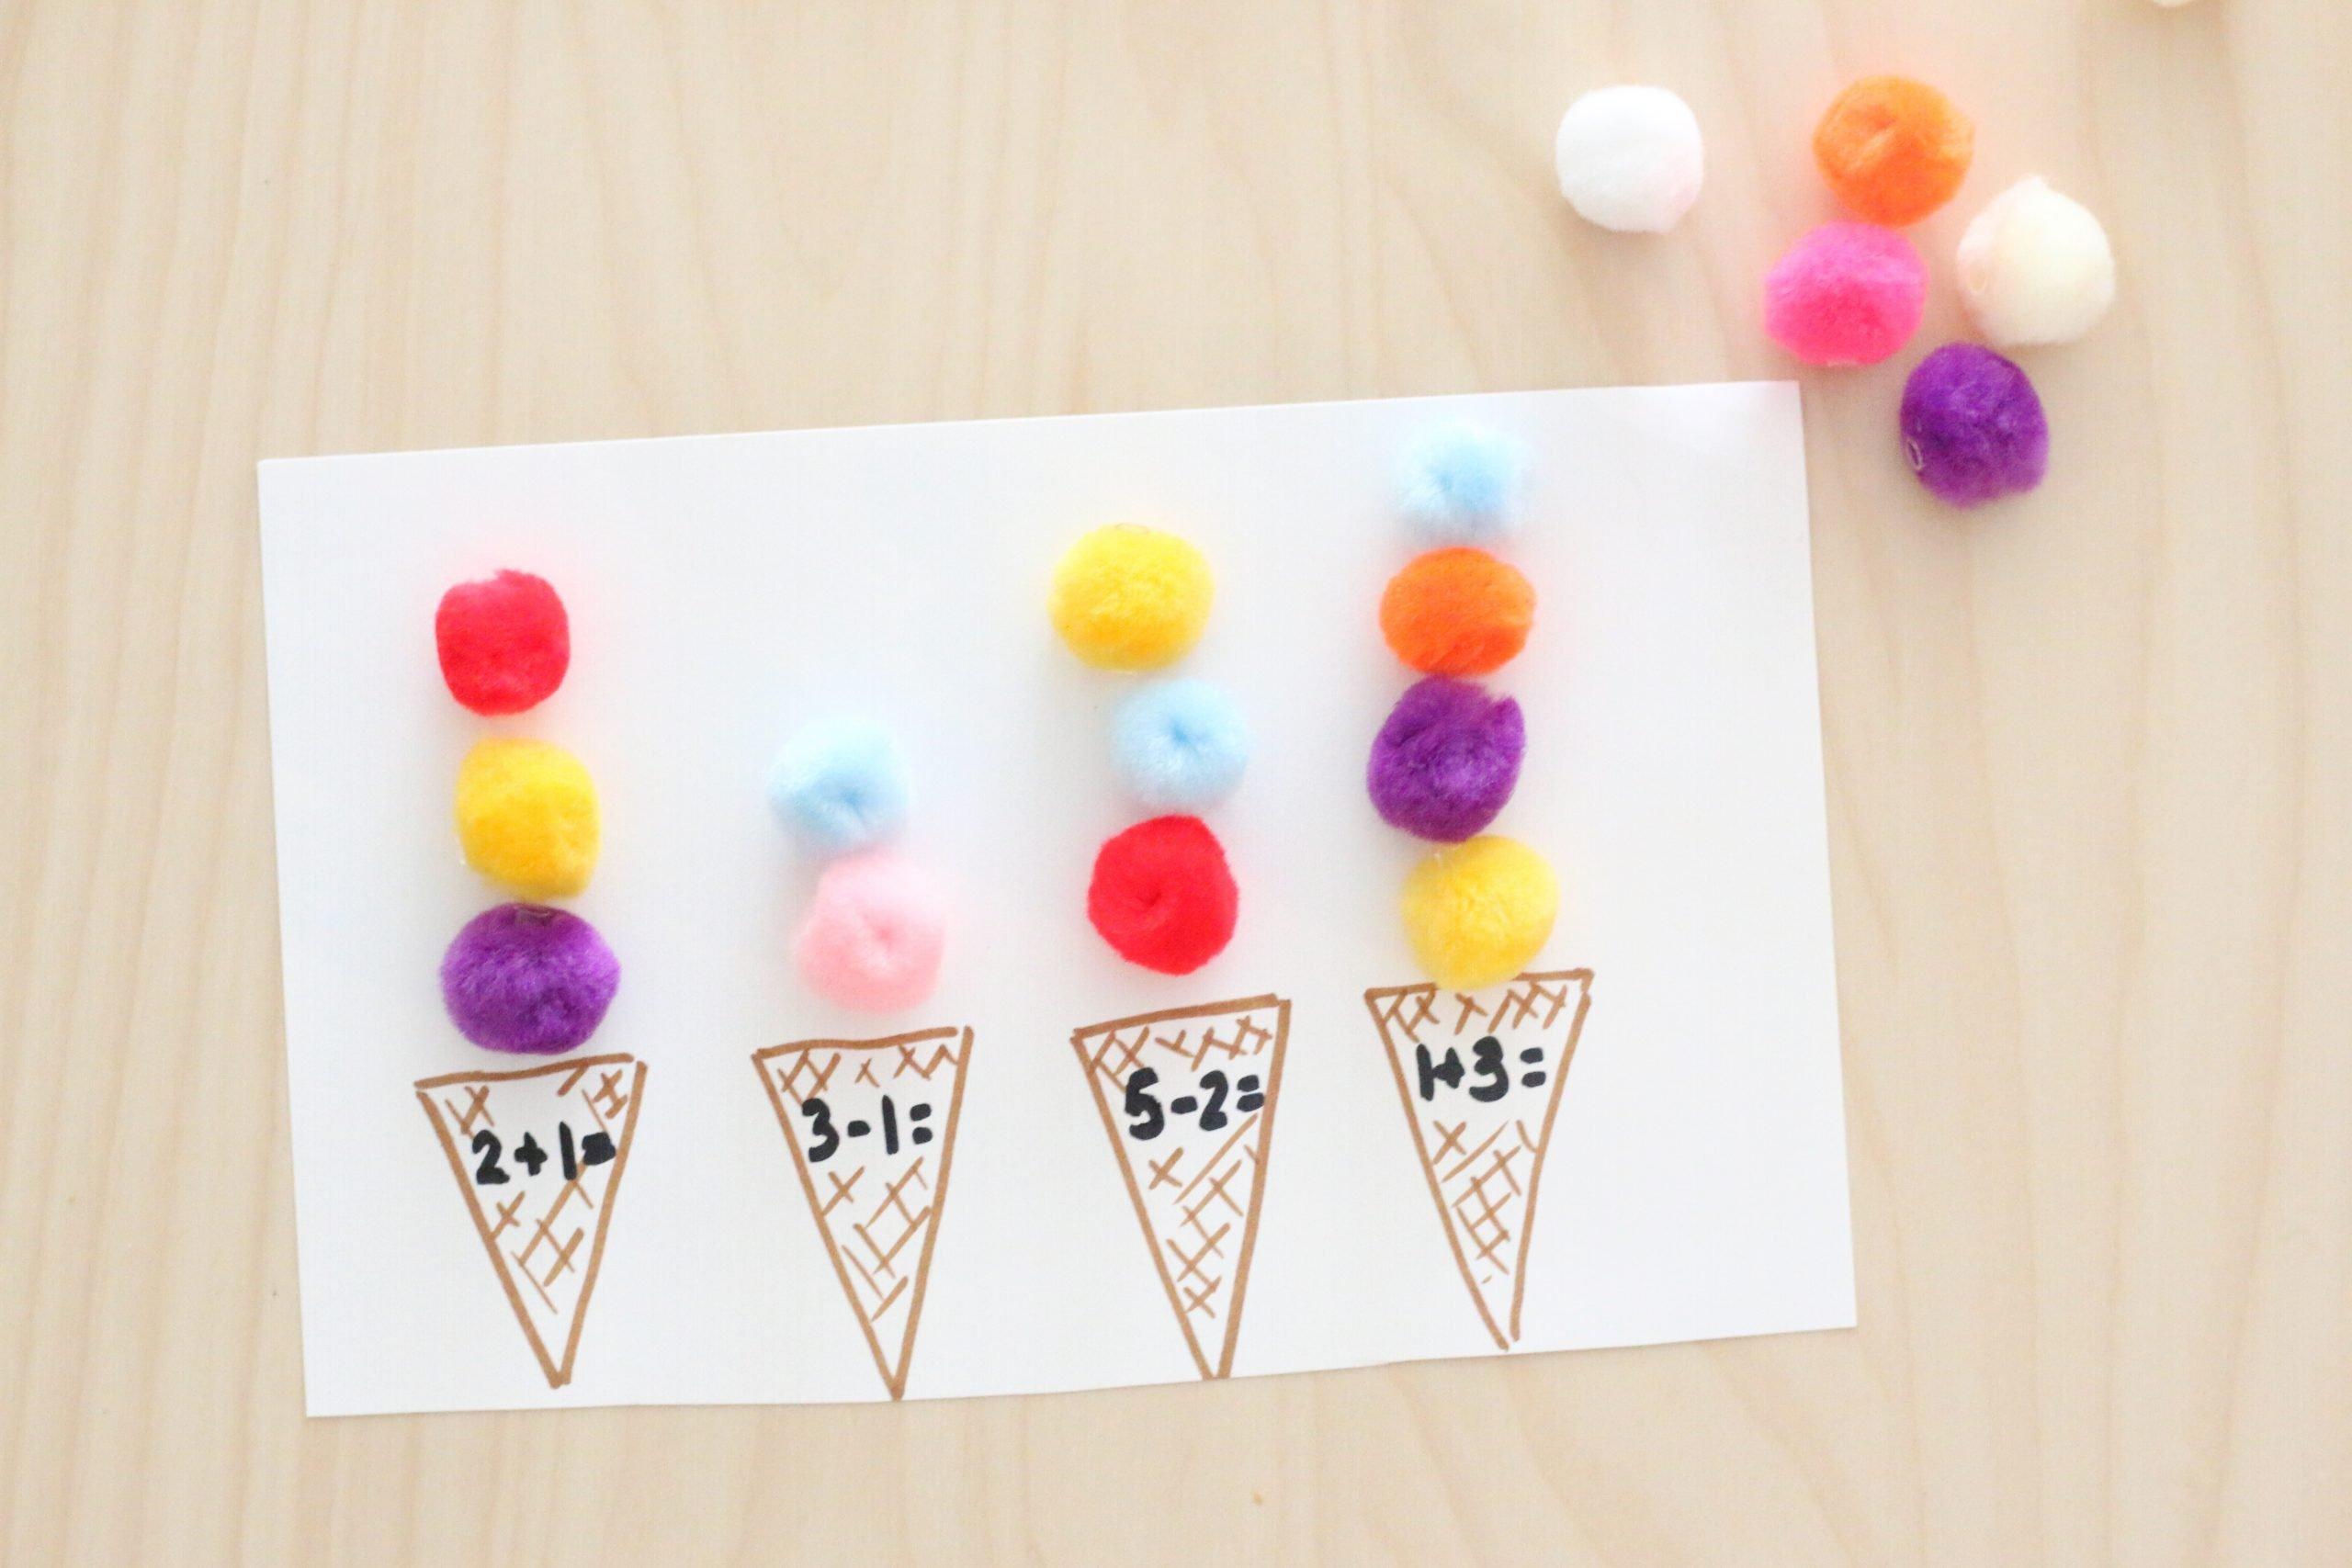 Pom-pom Ice Cream Scoop Math Activity